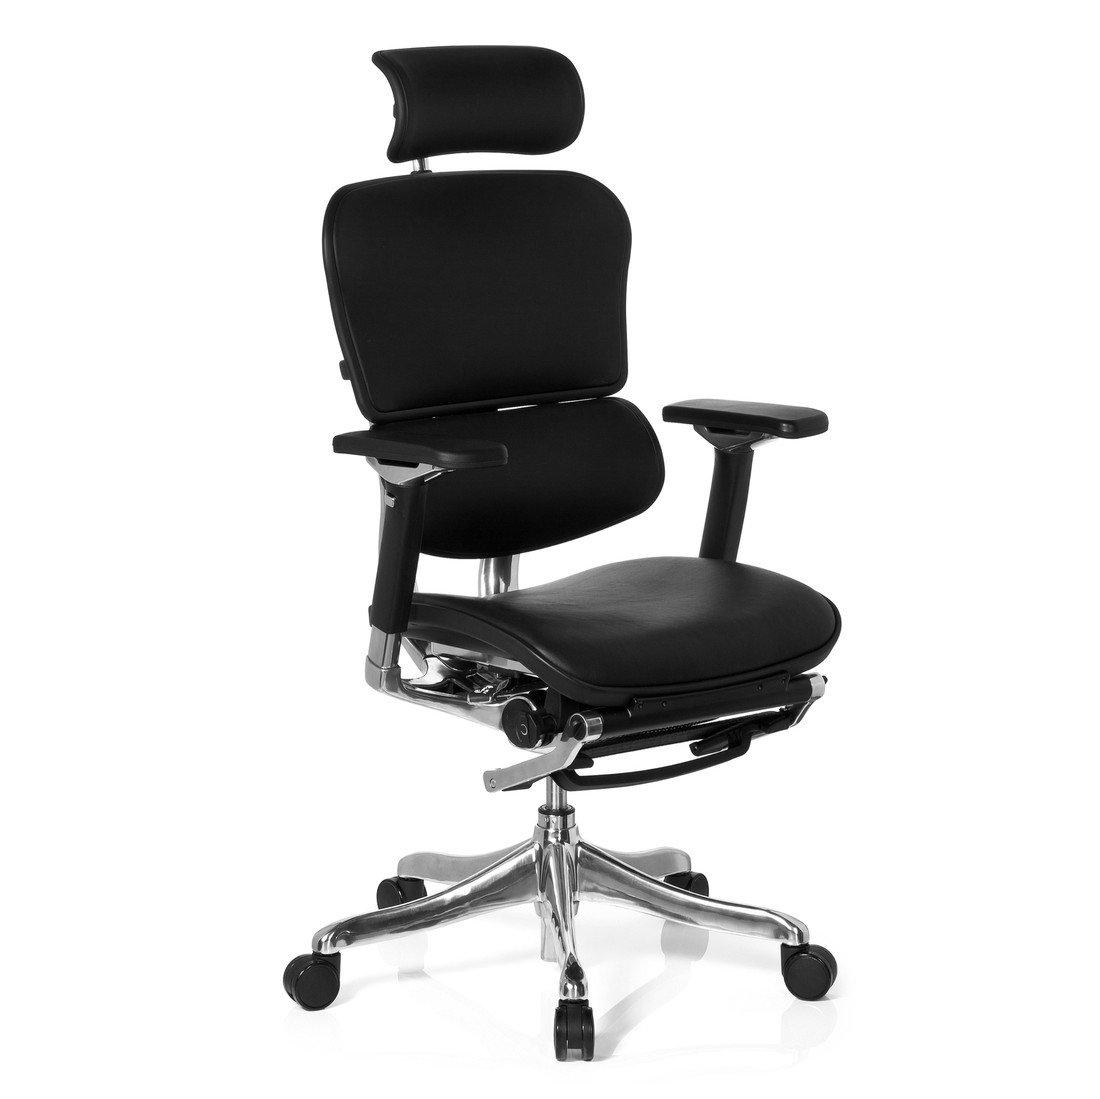 HJH Office 652990 Bürostuhl, Chefsessel Ergohuman Legpro mit Beinablage Leder schwarz